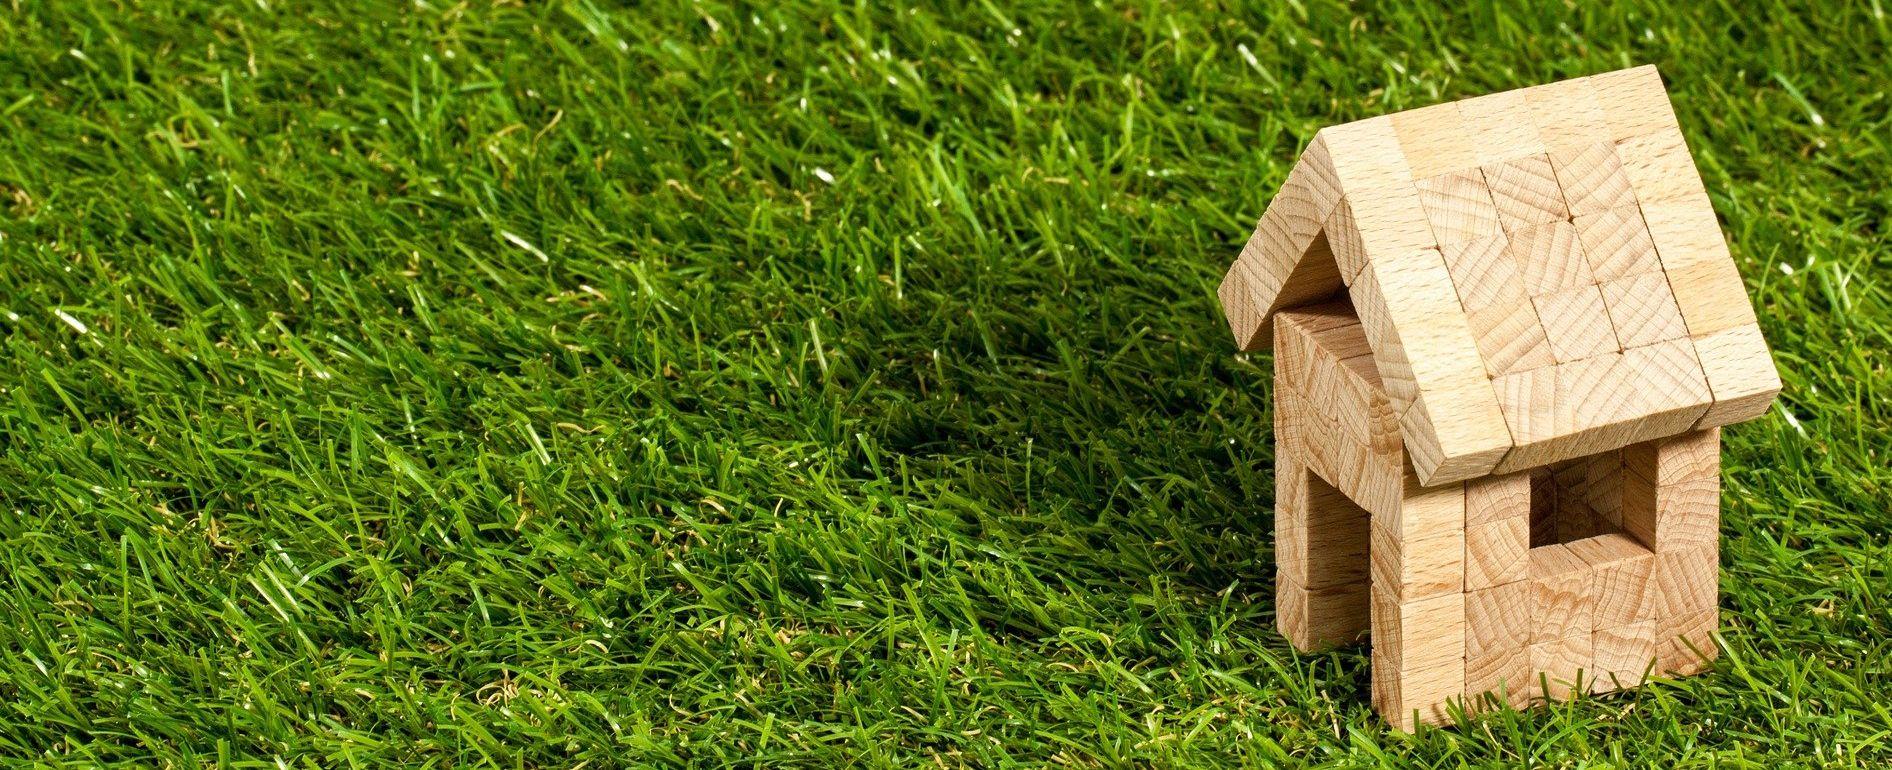 Haus gebaut aus hölzernen Bauklötzen